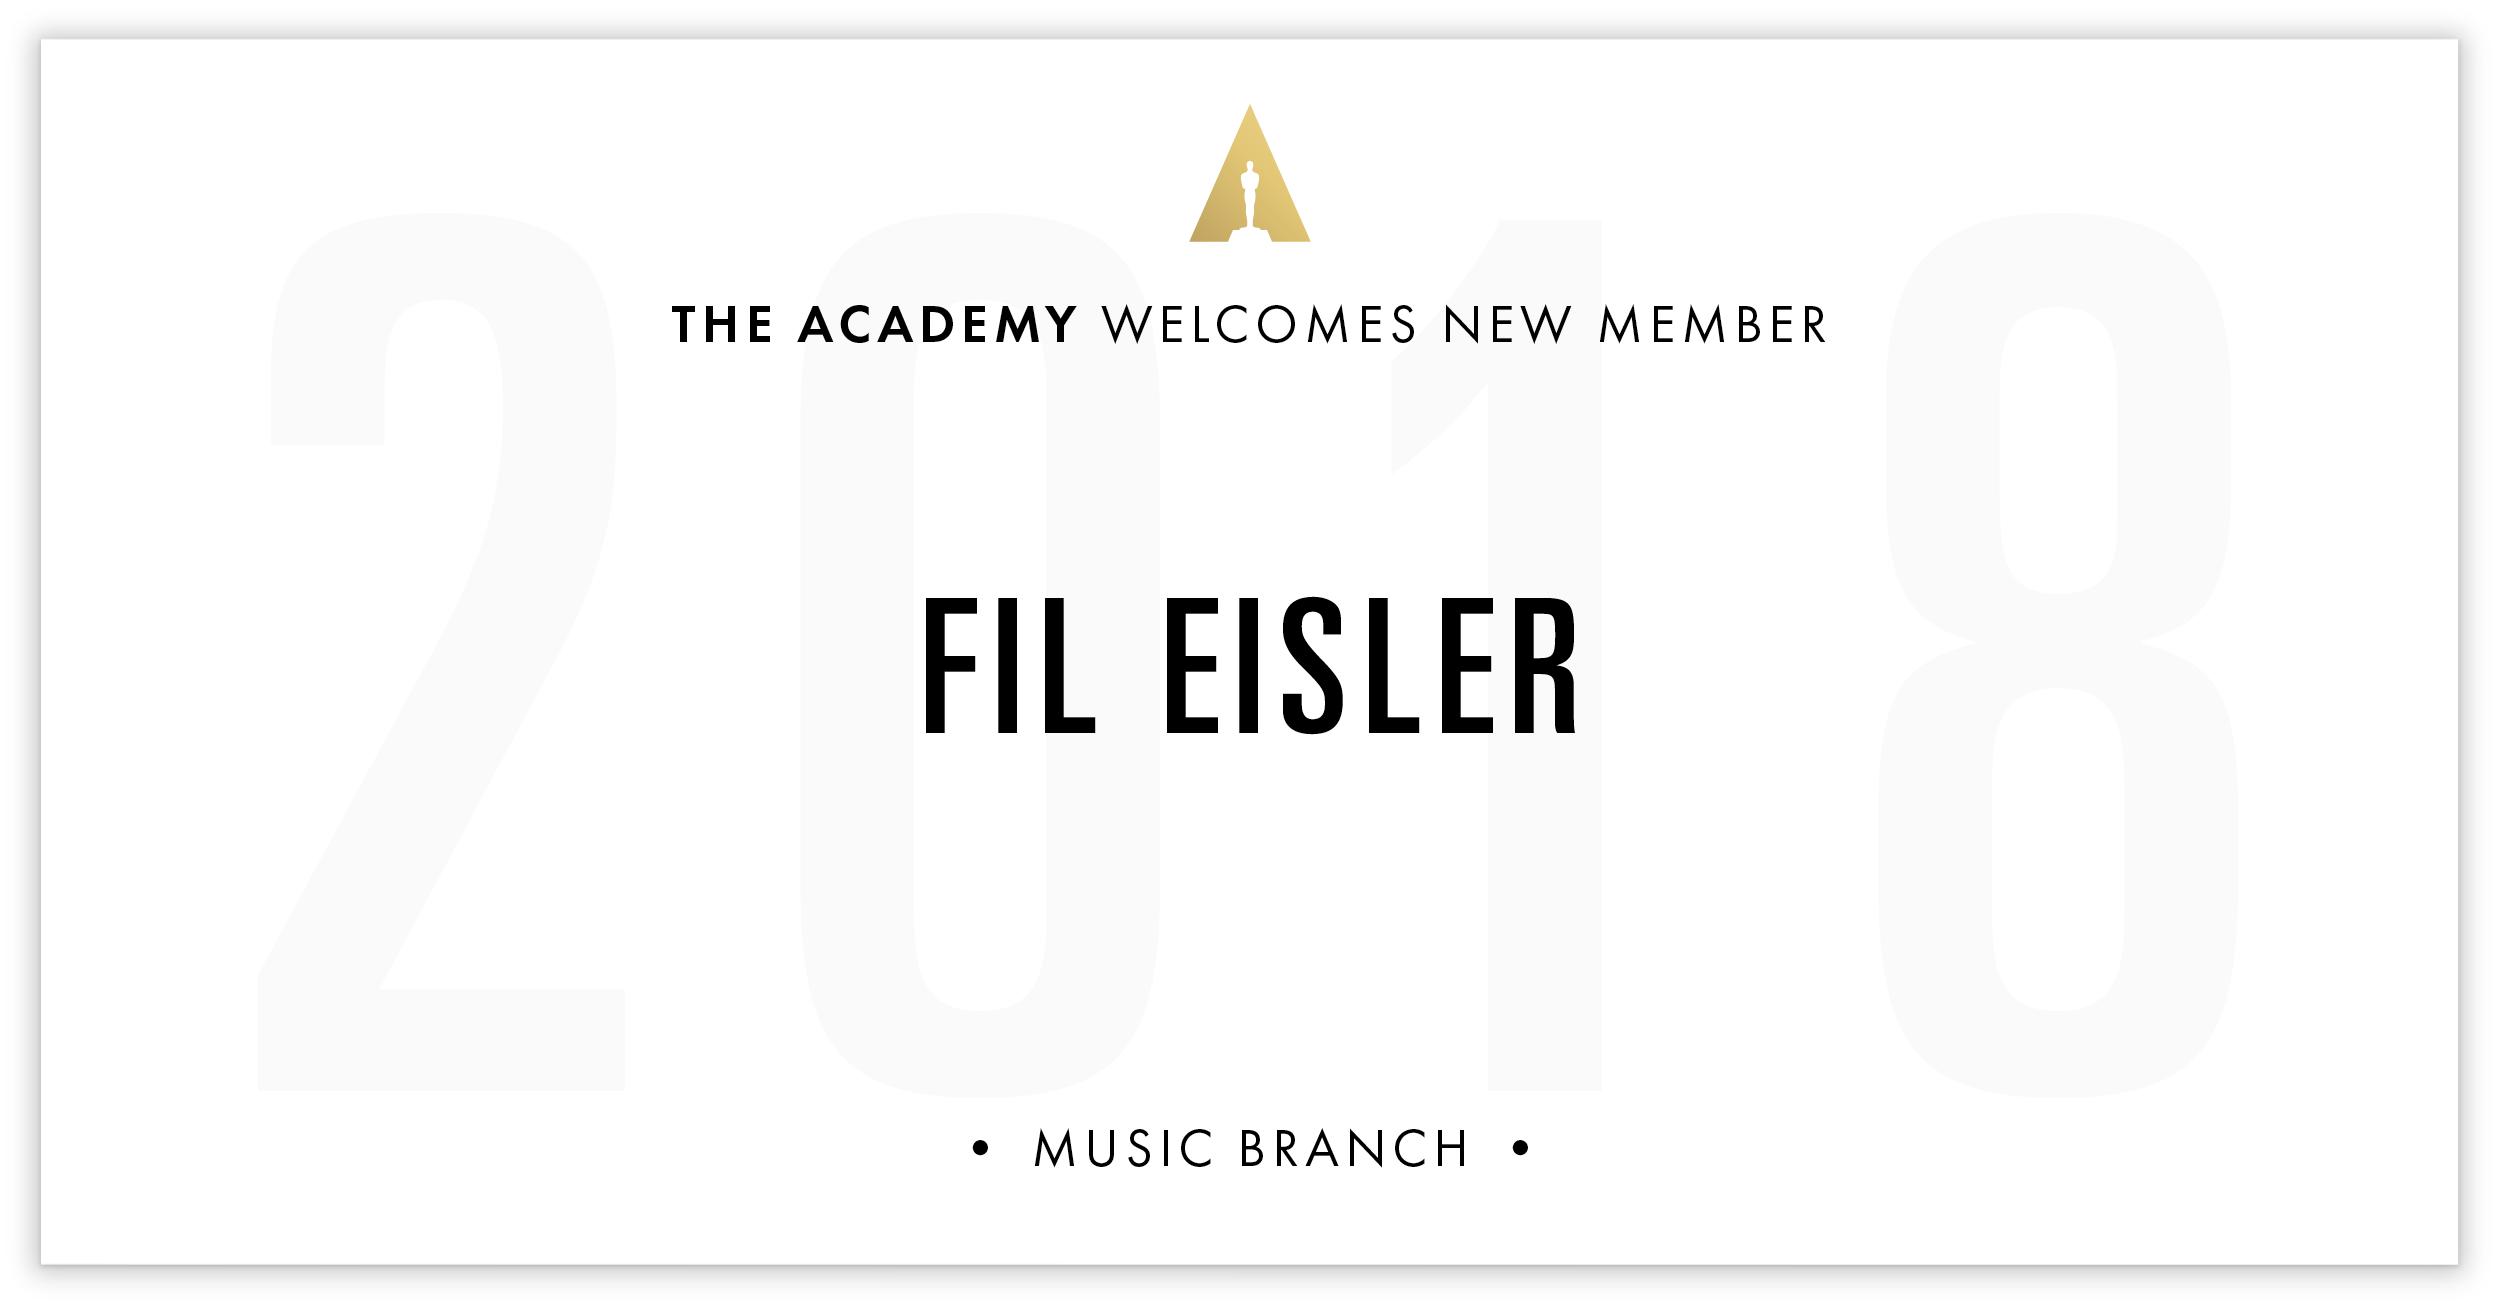 Fil Eisler is invited!